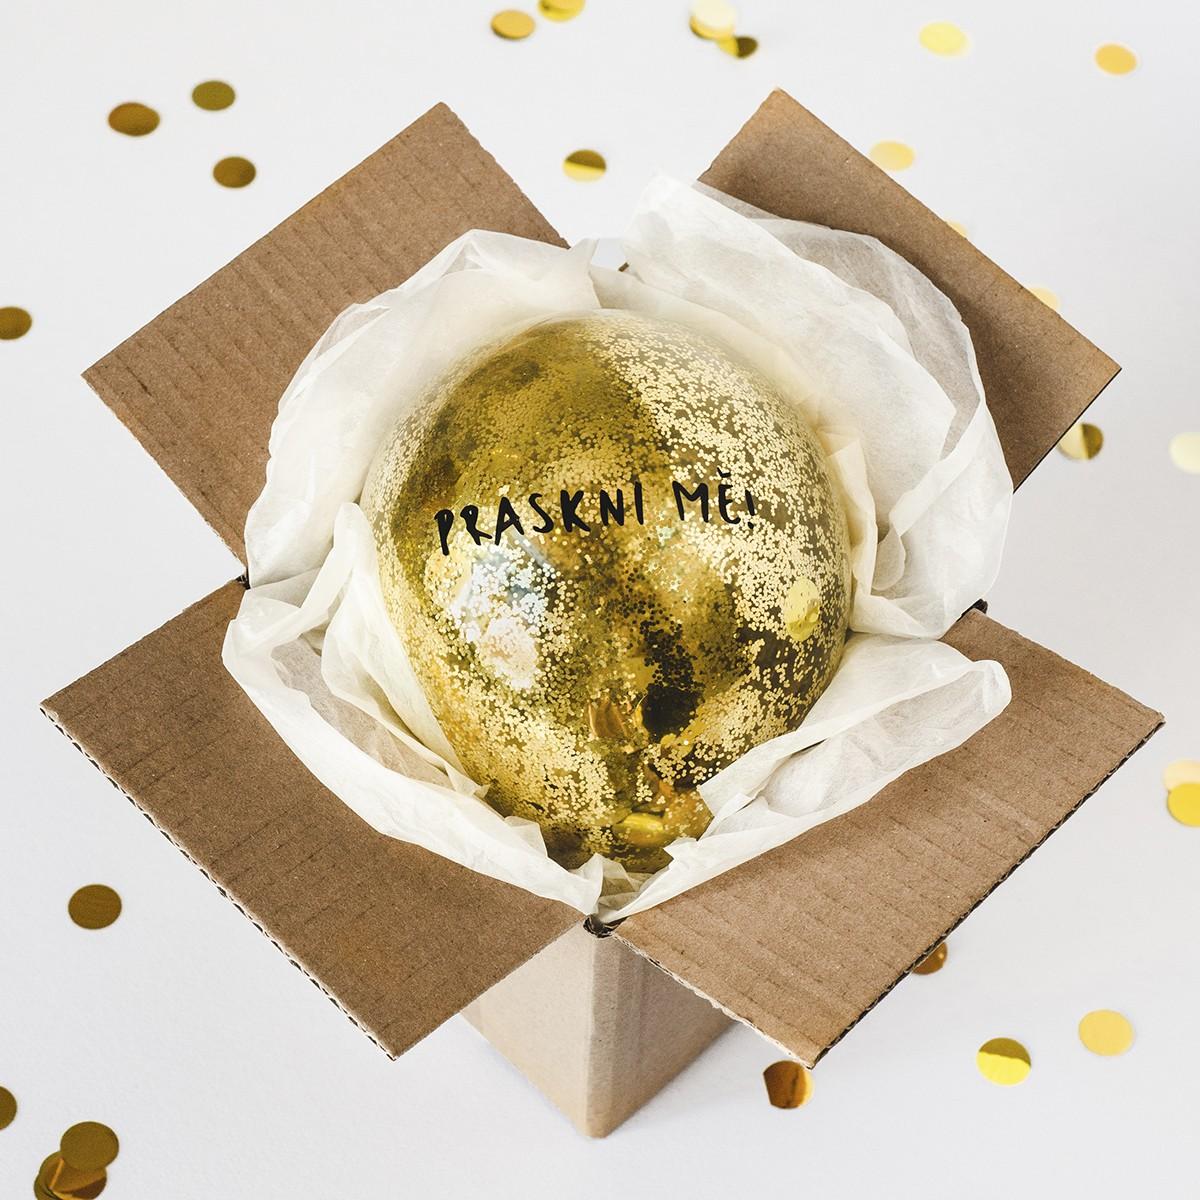 Bablfuk Praskni mě! - balónek s ukrytým vzkazem   Rozvoz květin Plzeň